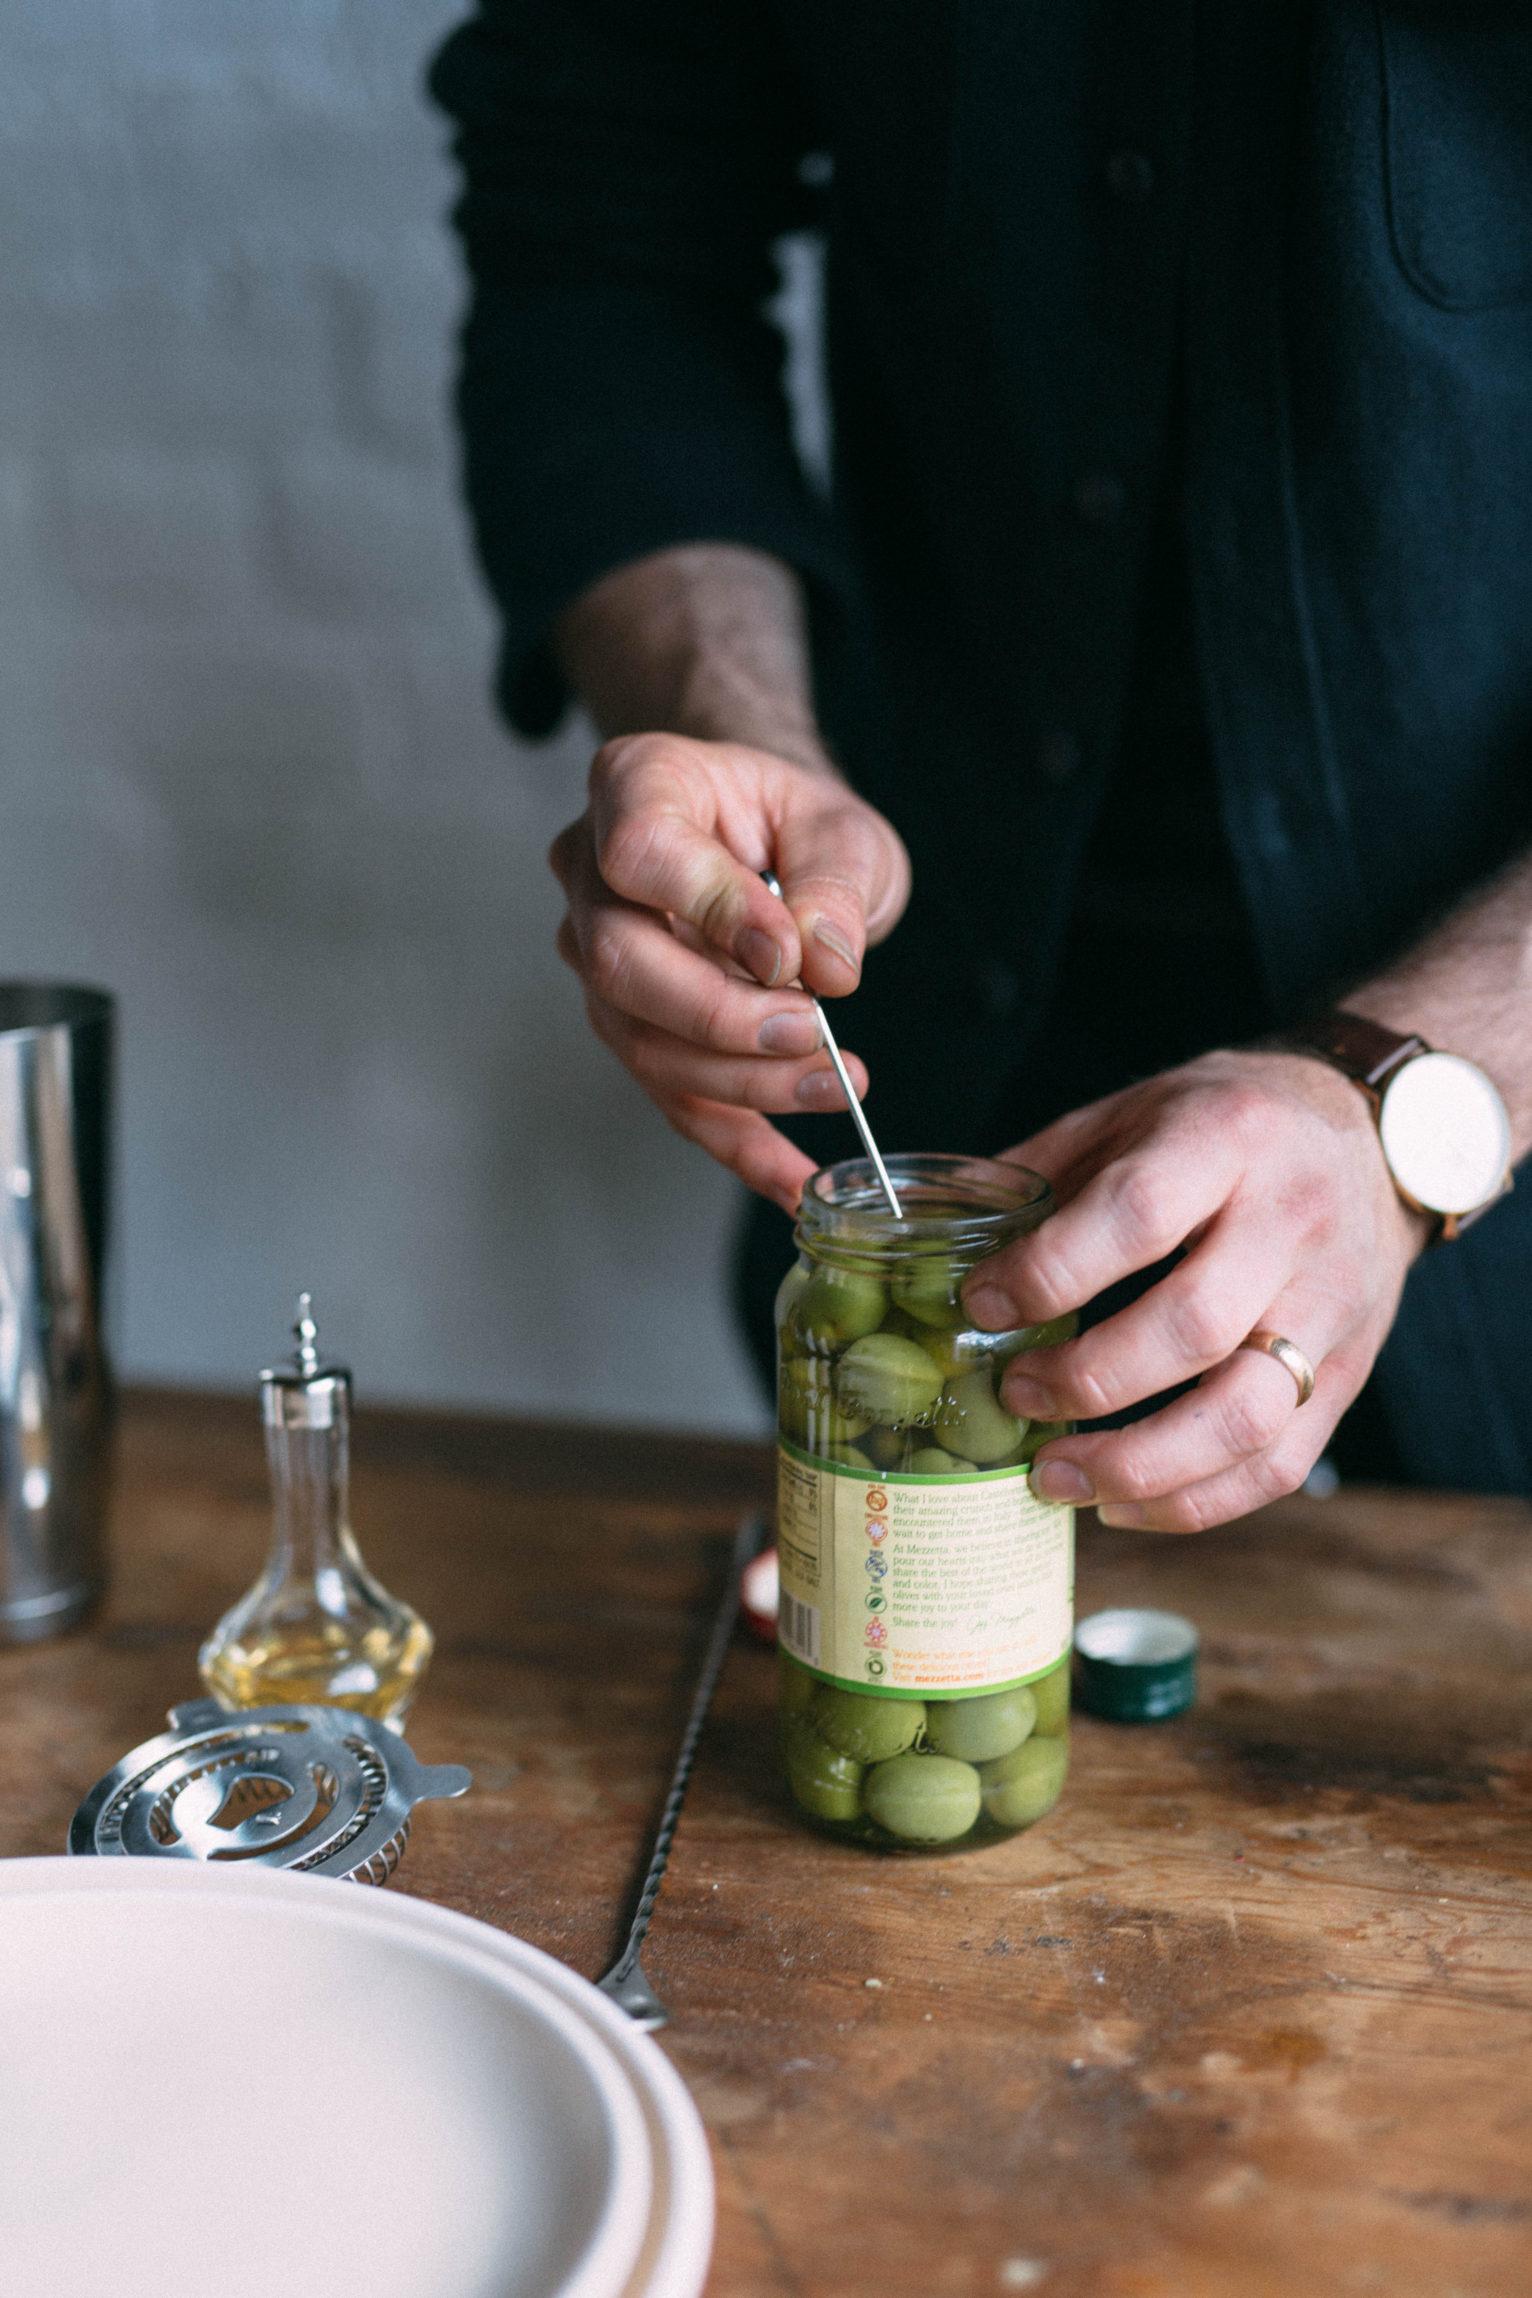 Prepping olives for garnish